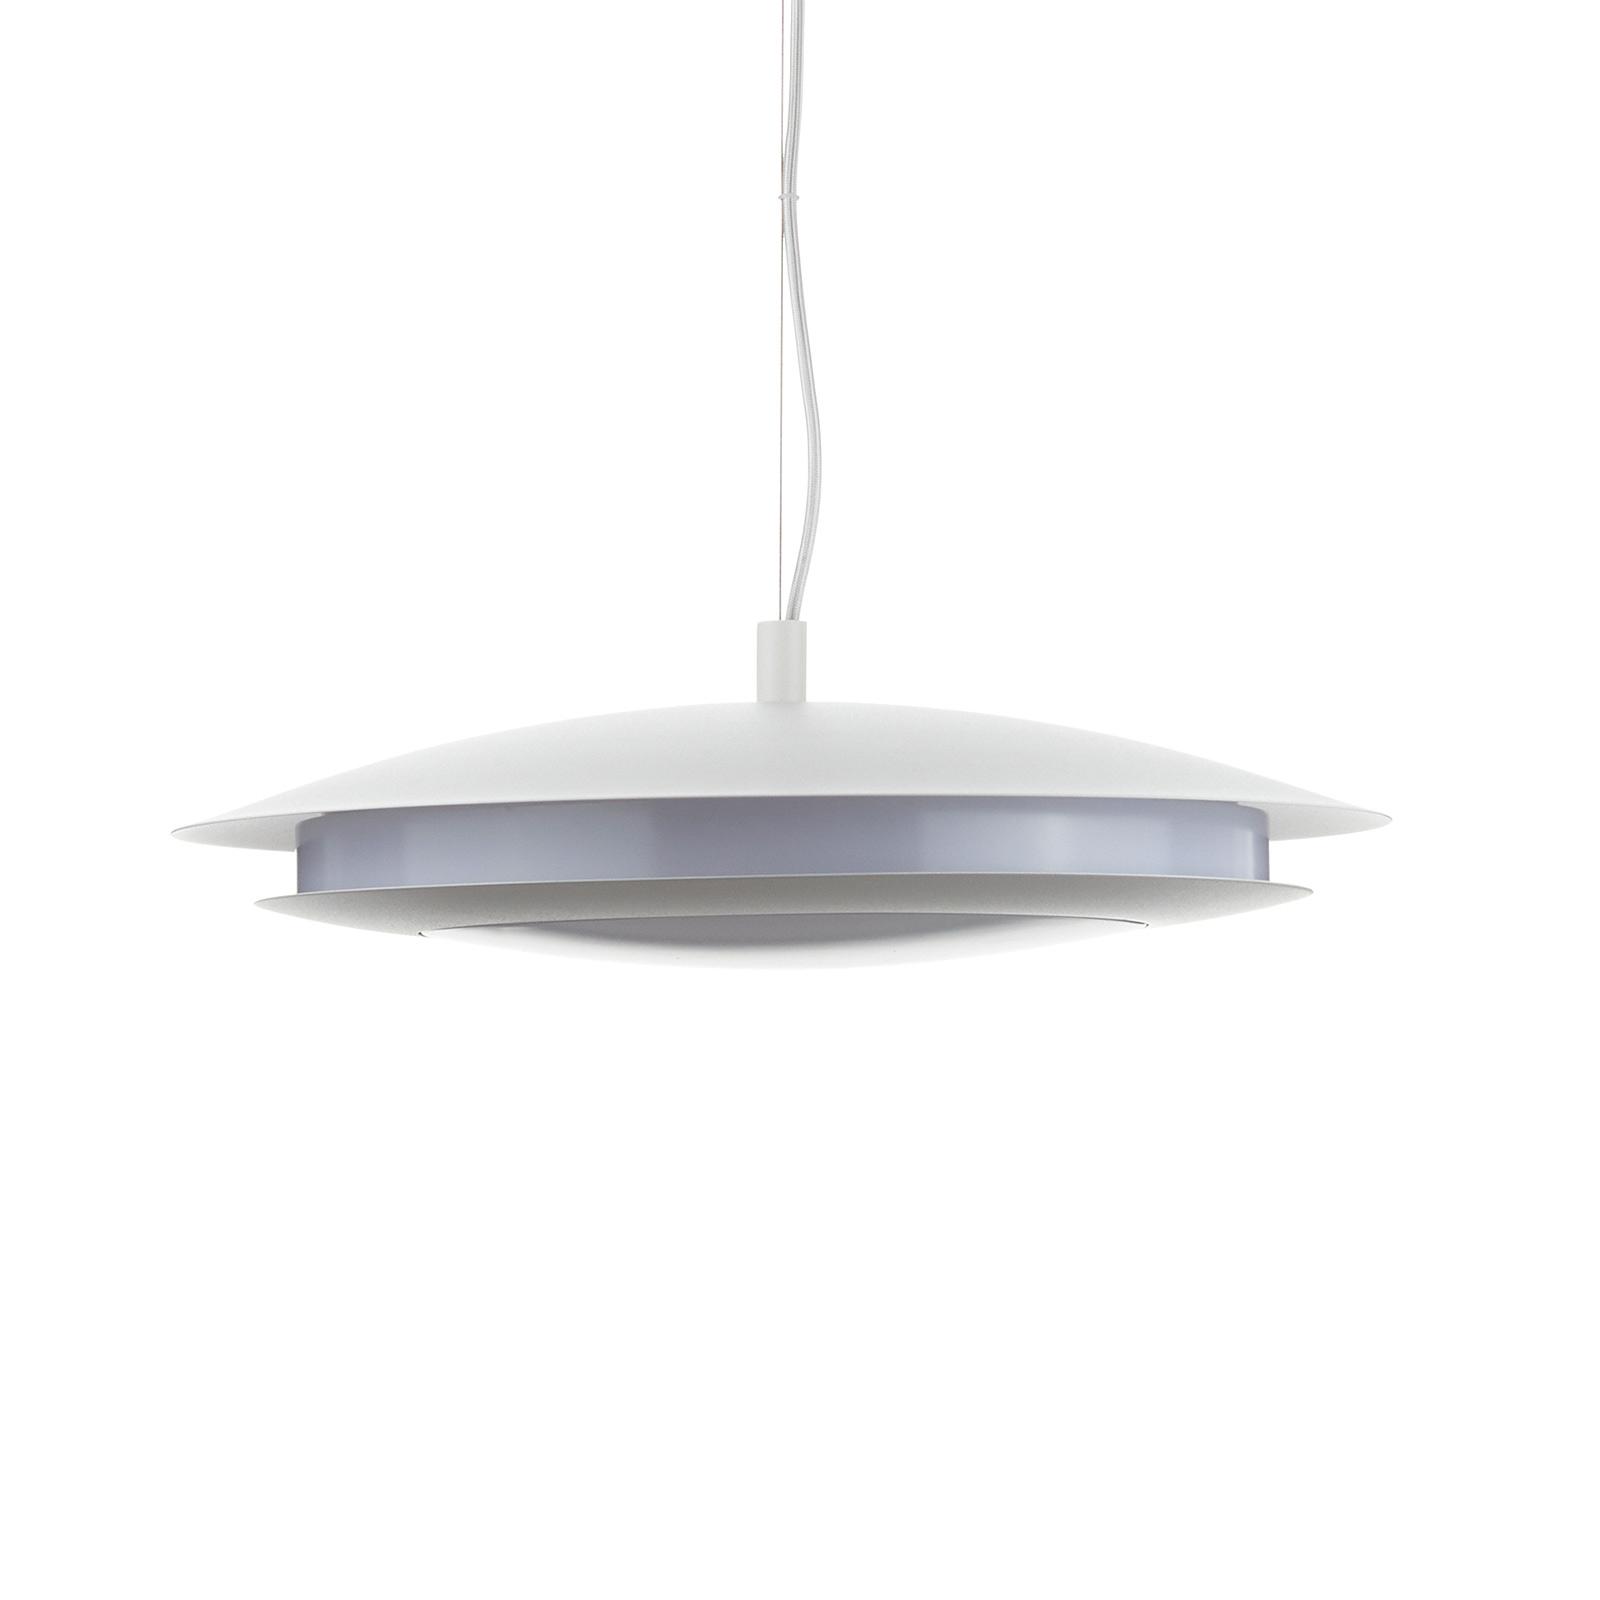 EGLO connect Moneva-C LED-Hängelampe weiß Ø 48,5